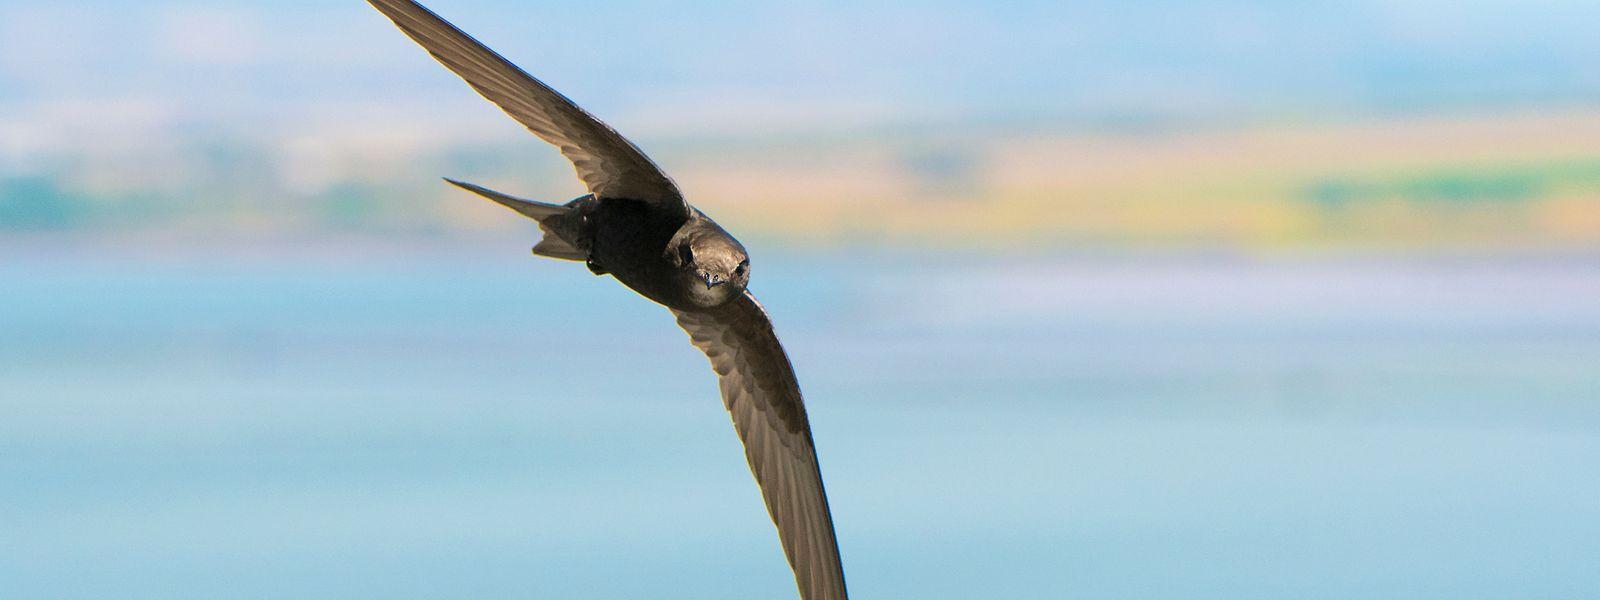 Warum ausgerechnet den Alpen- und Mauerseglern der Schlaf-entzug nichts auszumachen scheint, wissen die Ornithologen bisher allerdings noch nicht.